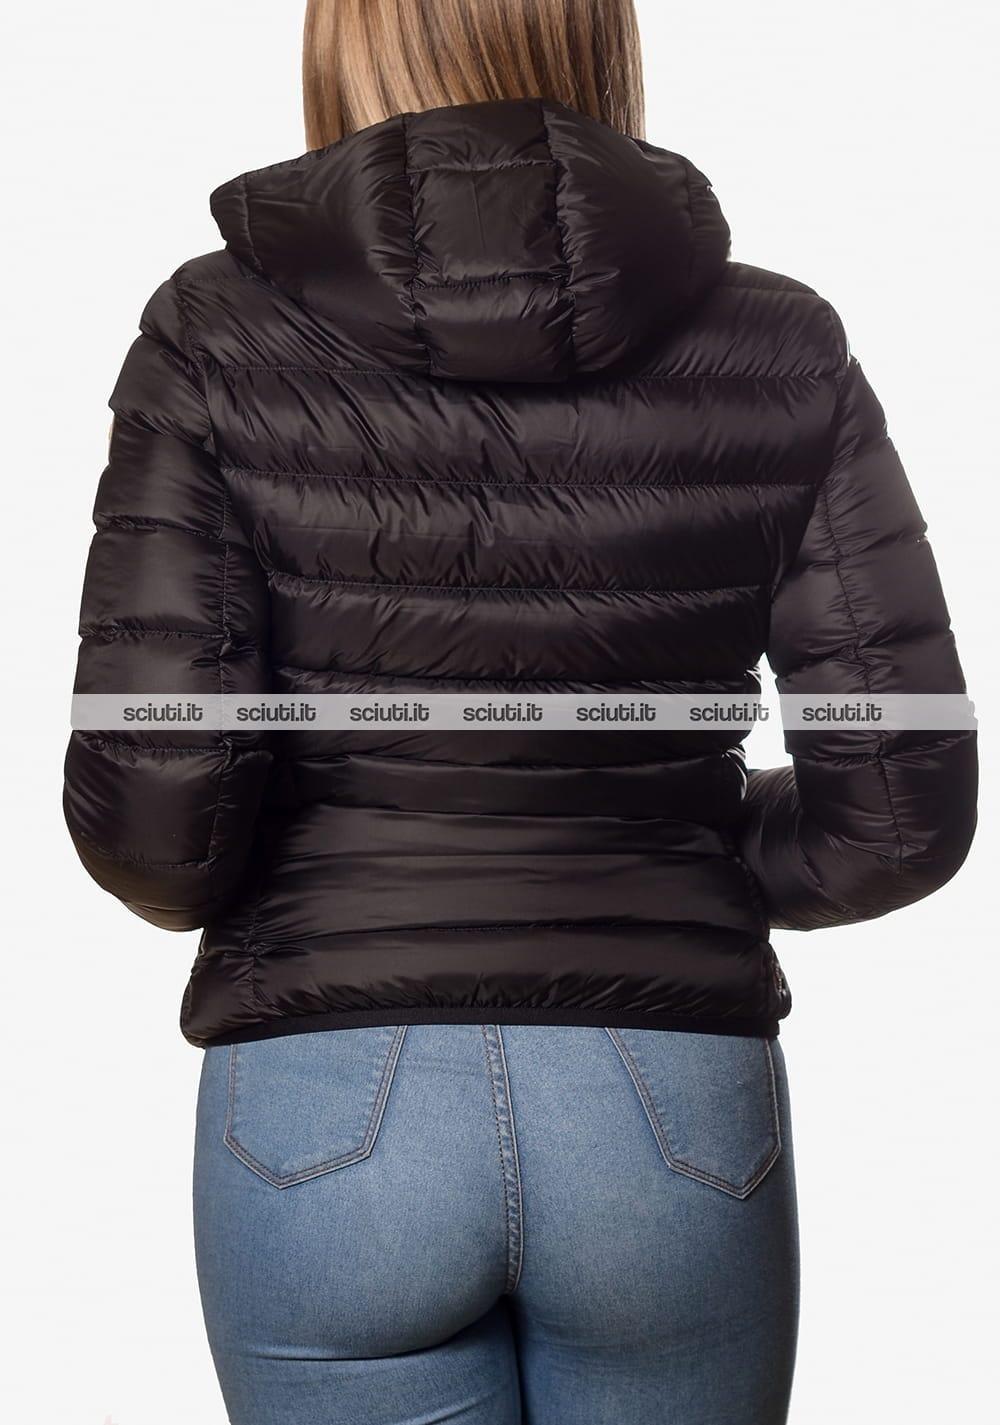 Piumino Colmar donna pesante con cappuccio nero   Sciuti.it